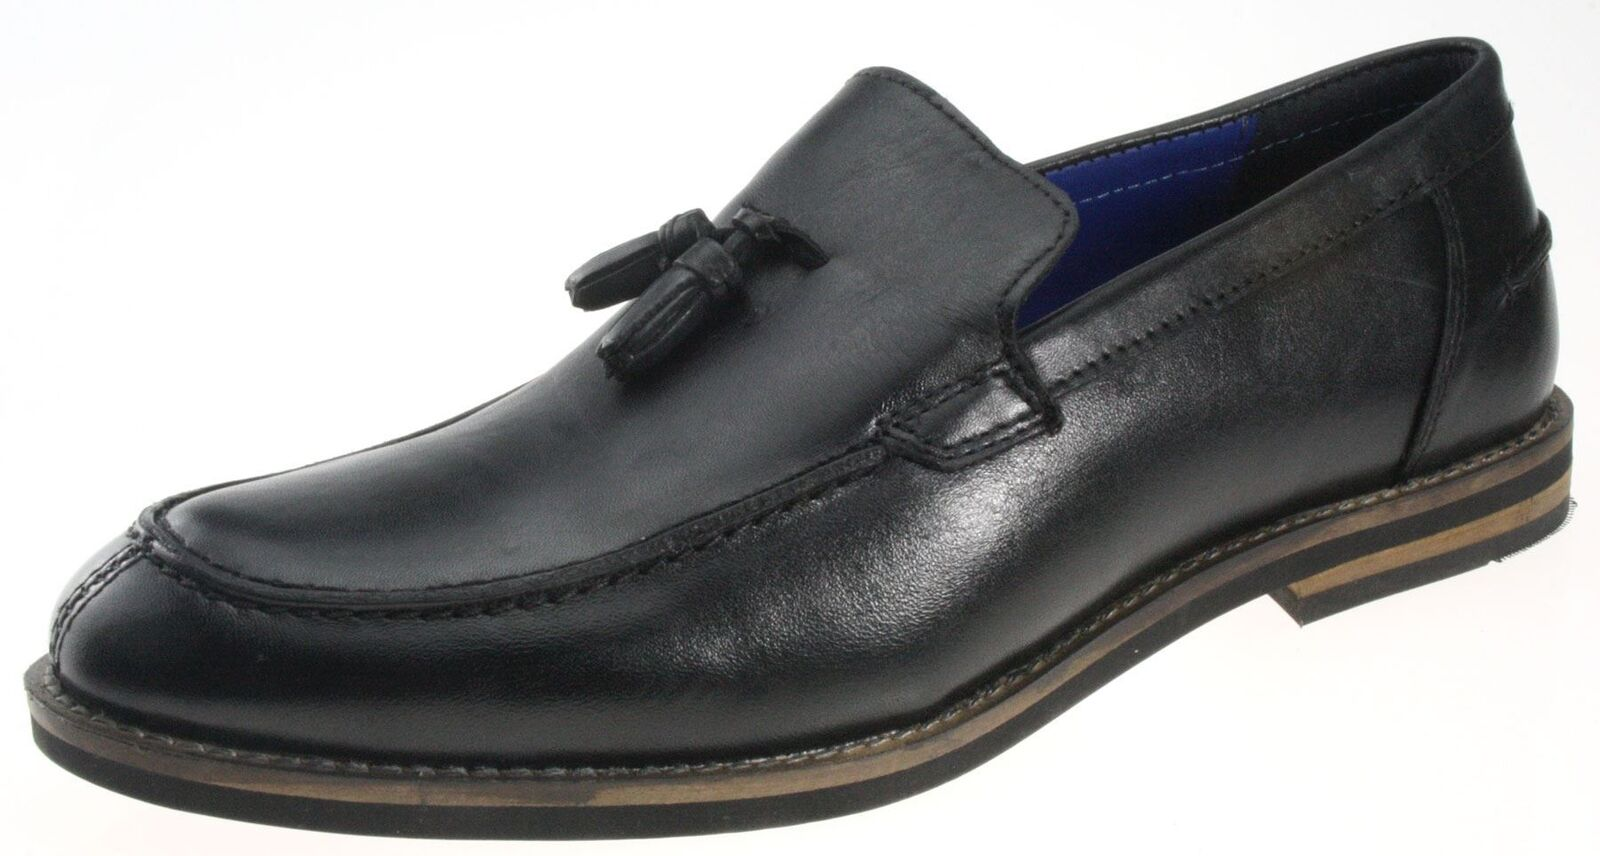 ROT Tape Sligo Schuhe schwarze Leder Slipper Herren Schuhe Sligo Troddel Slipper 7ae516